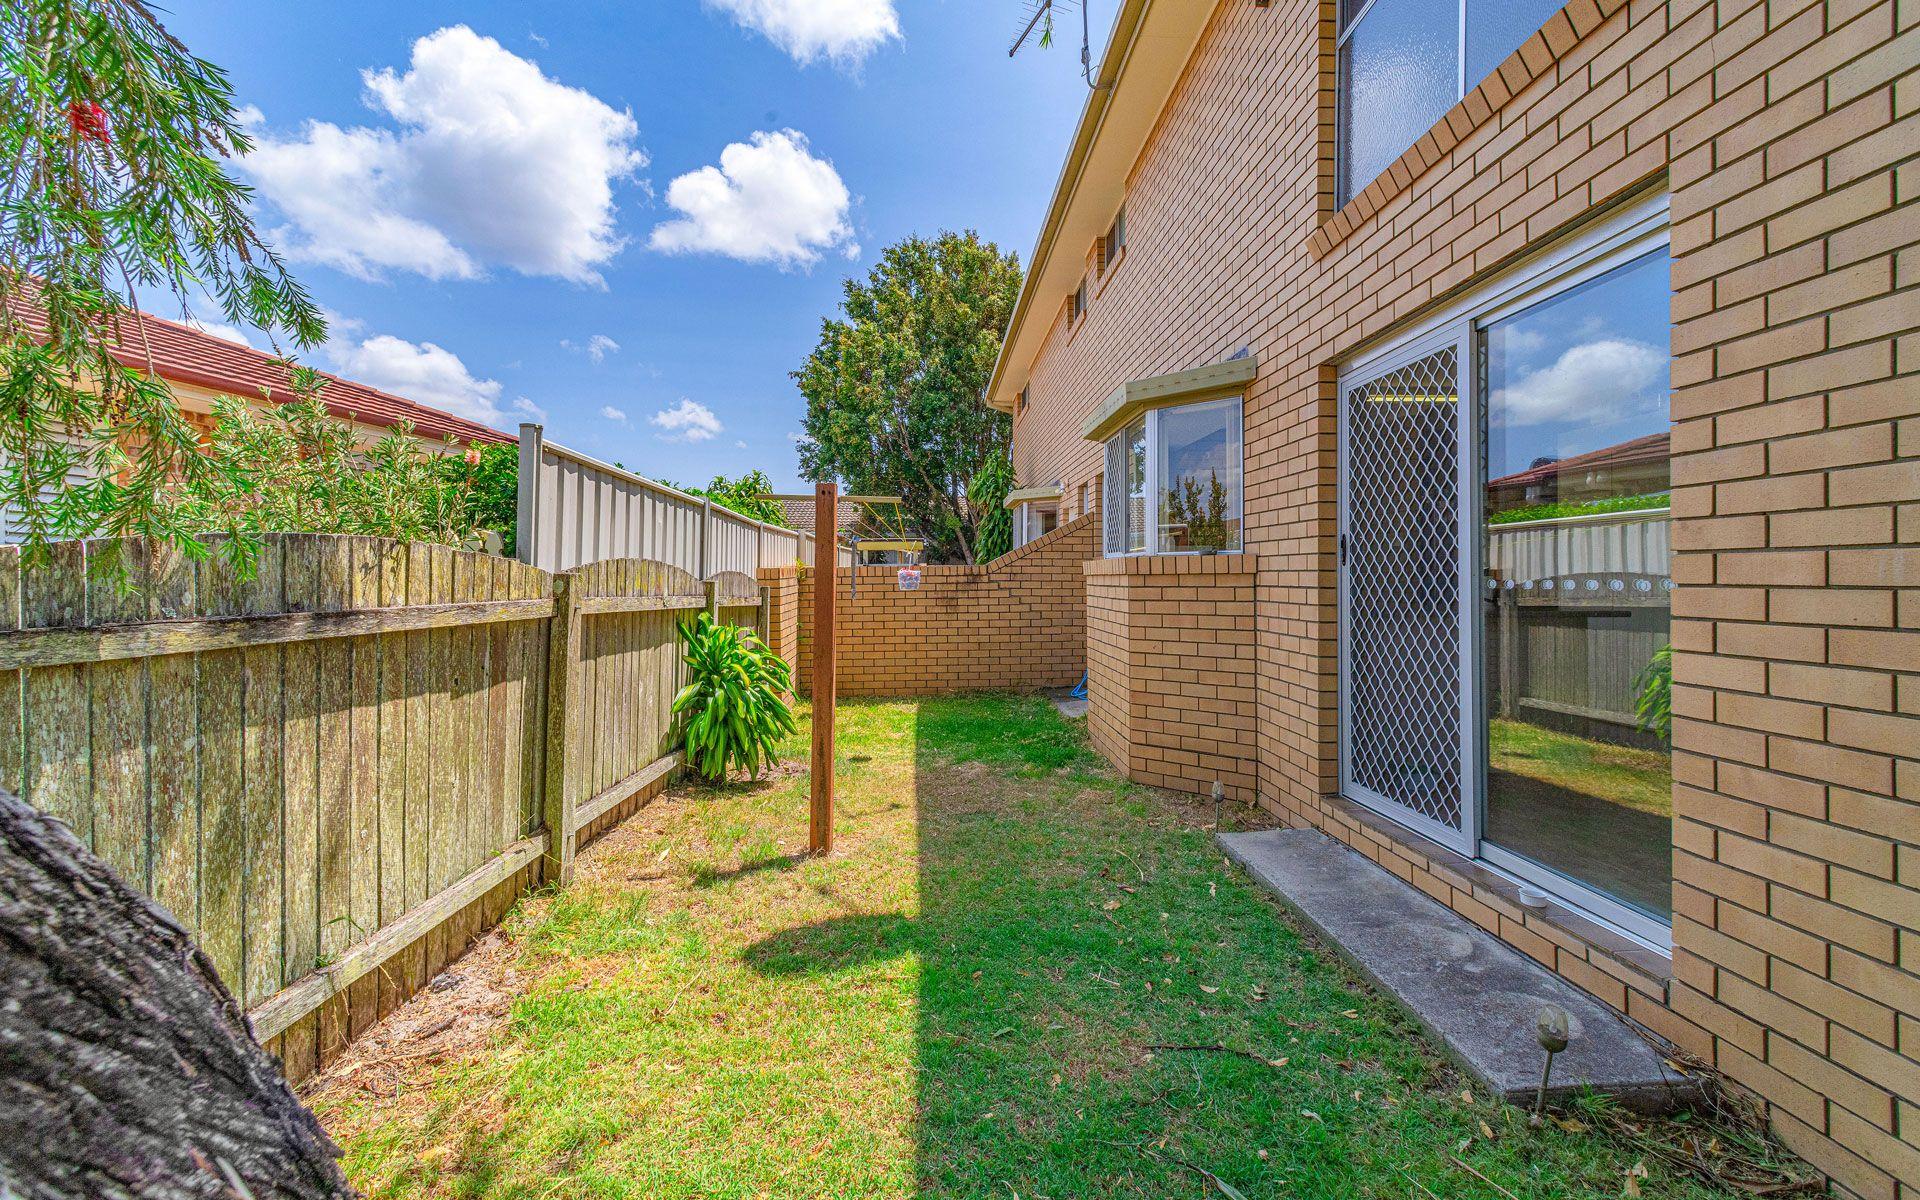 1/6 Mariners Way, Yamba, NSW 2464